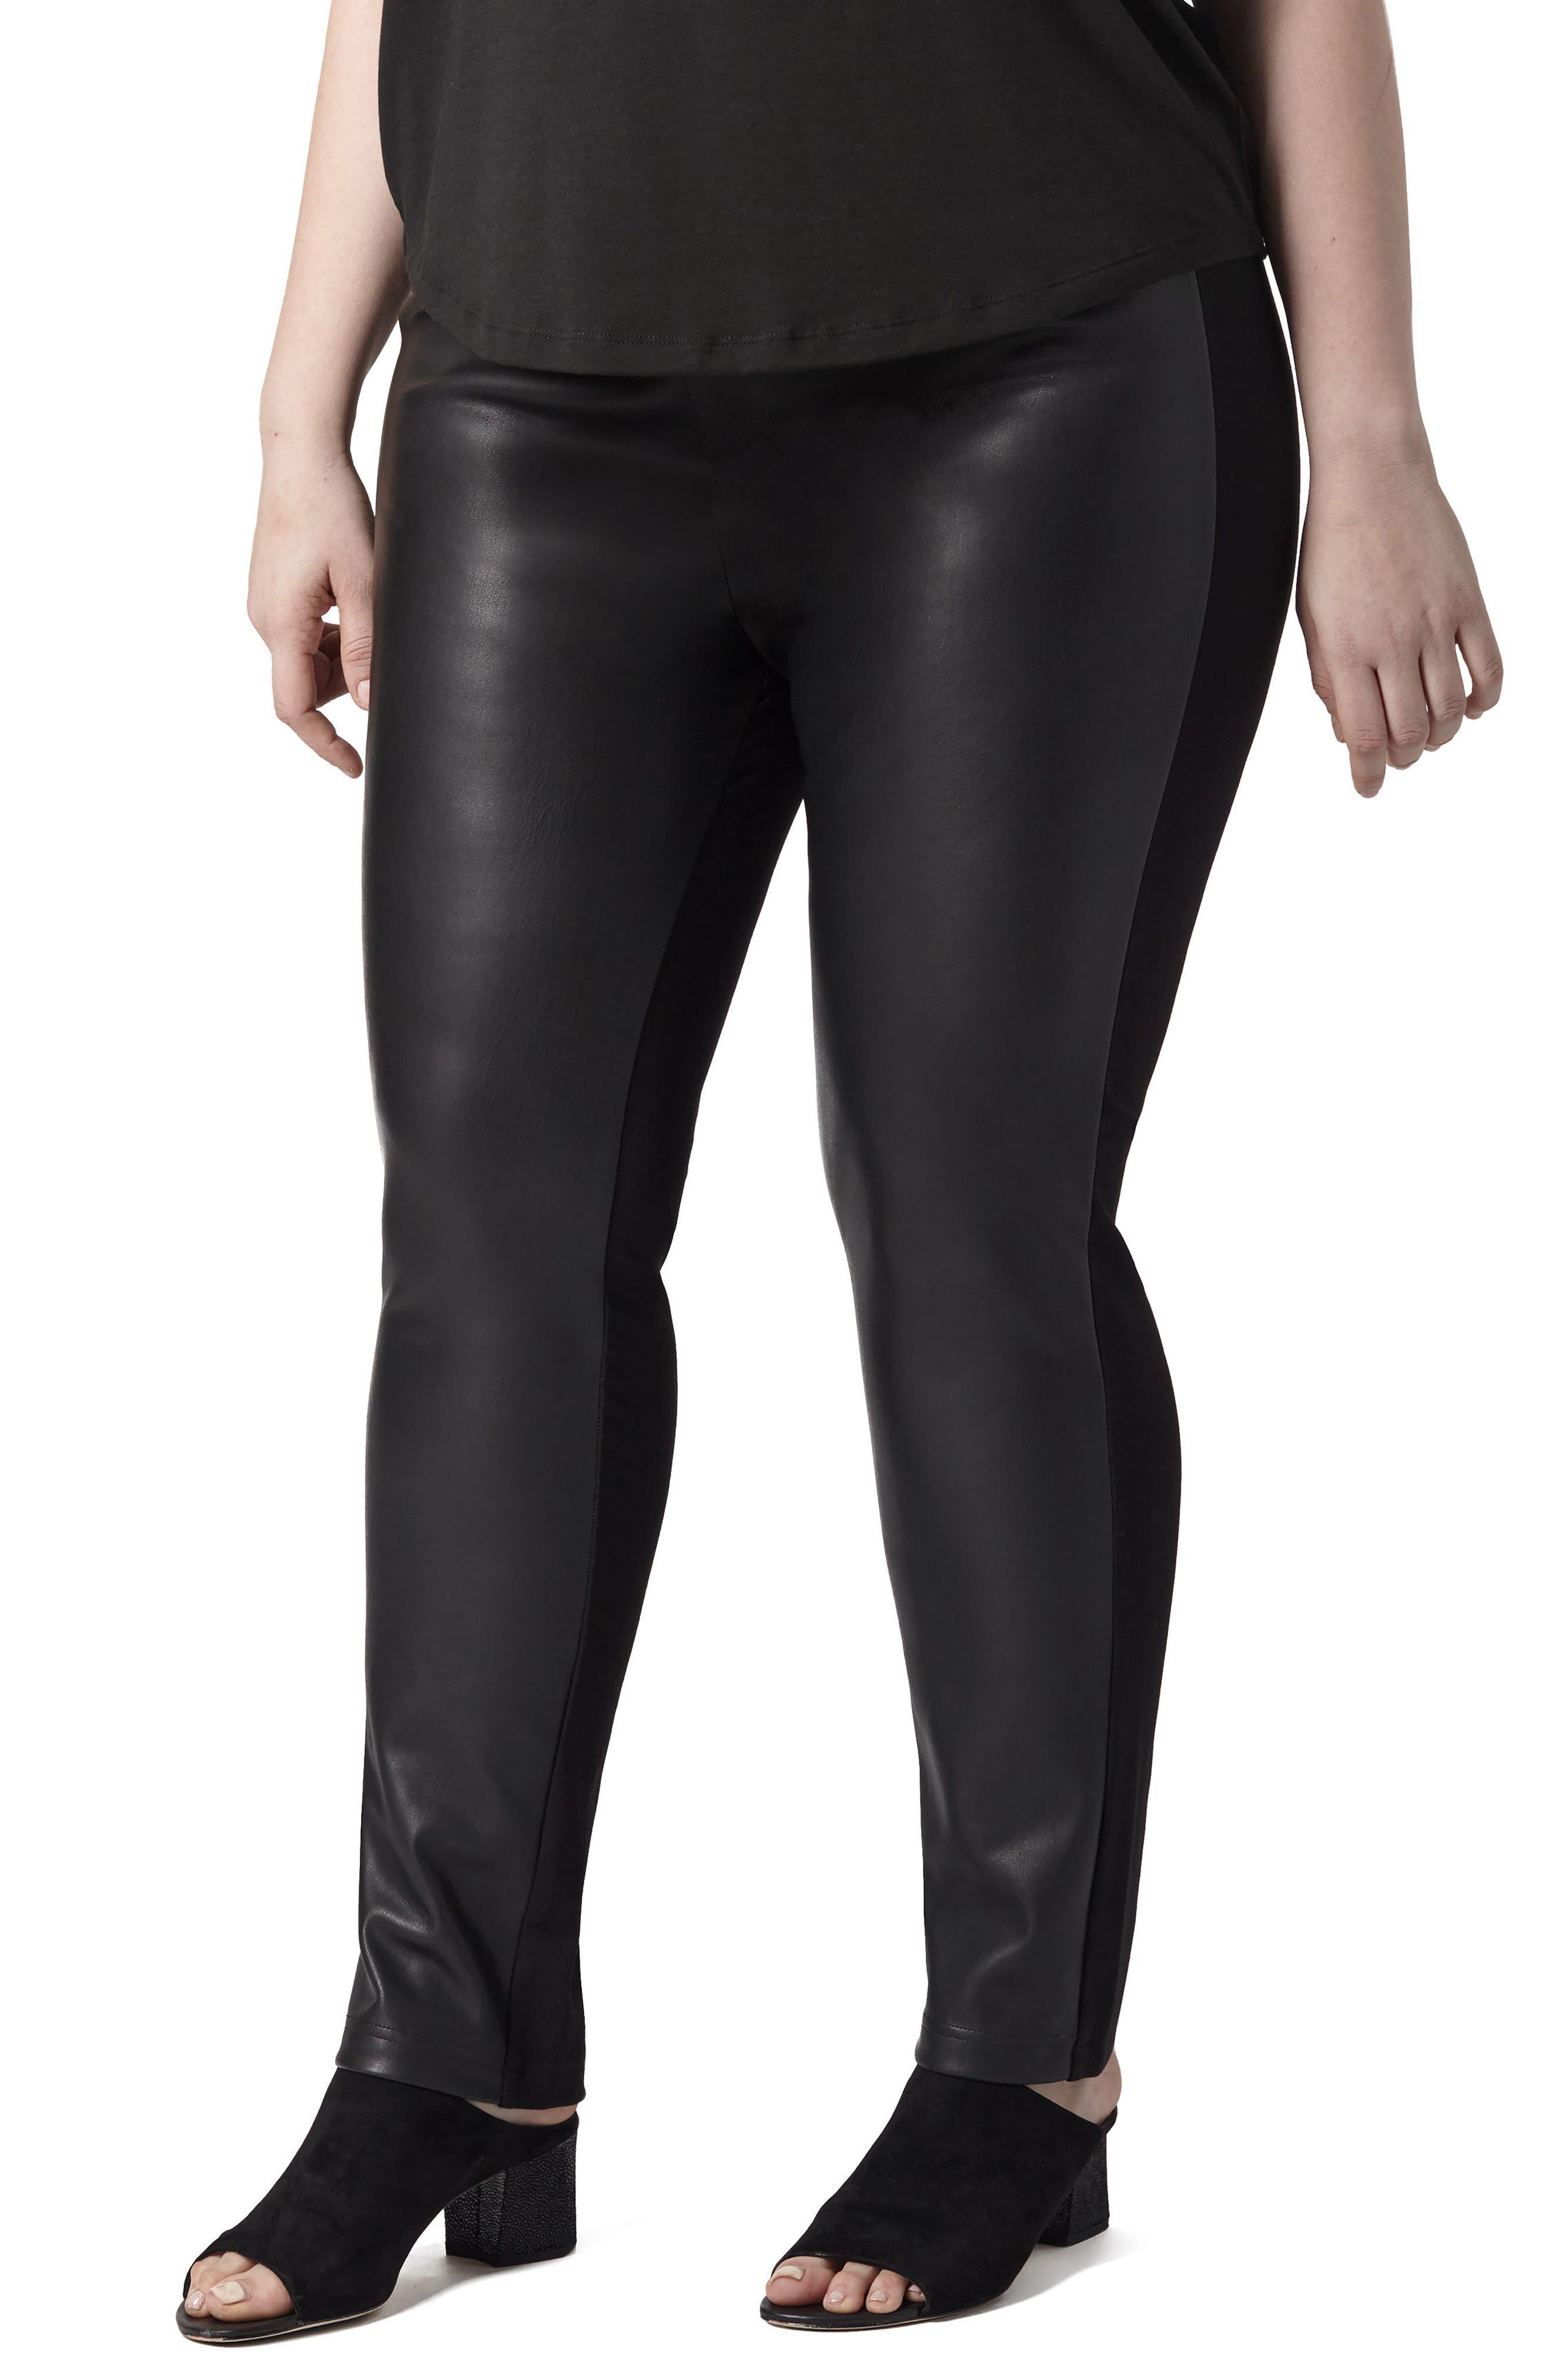 Potenza Faux Leather Pants,                         Main,                         color, Black